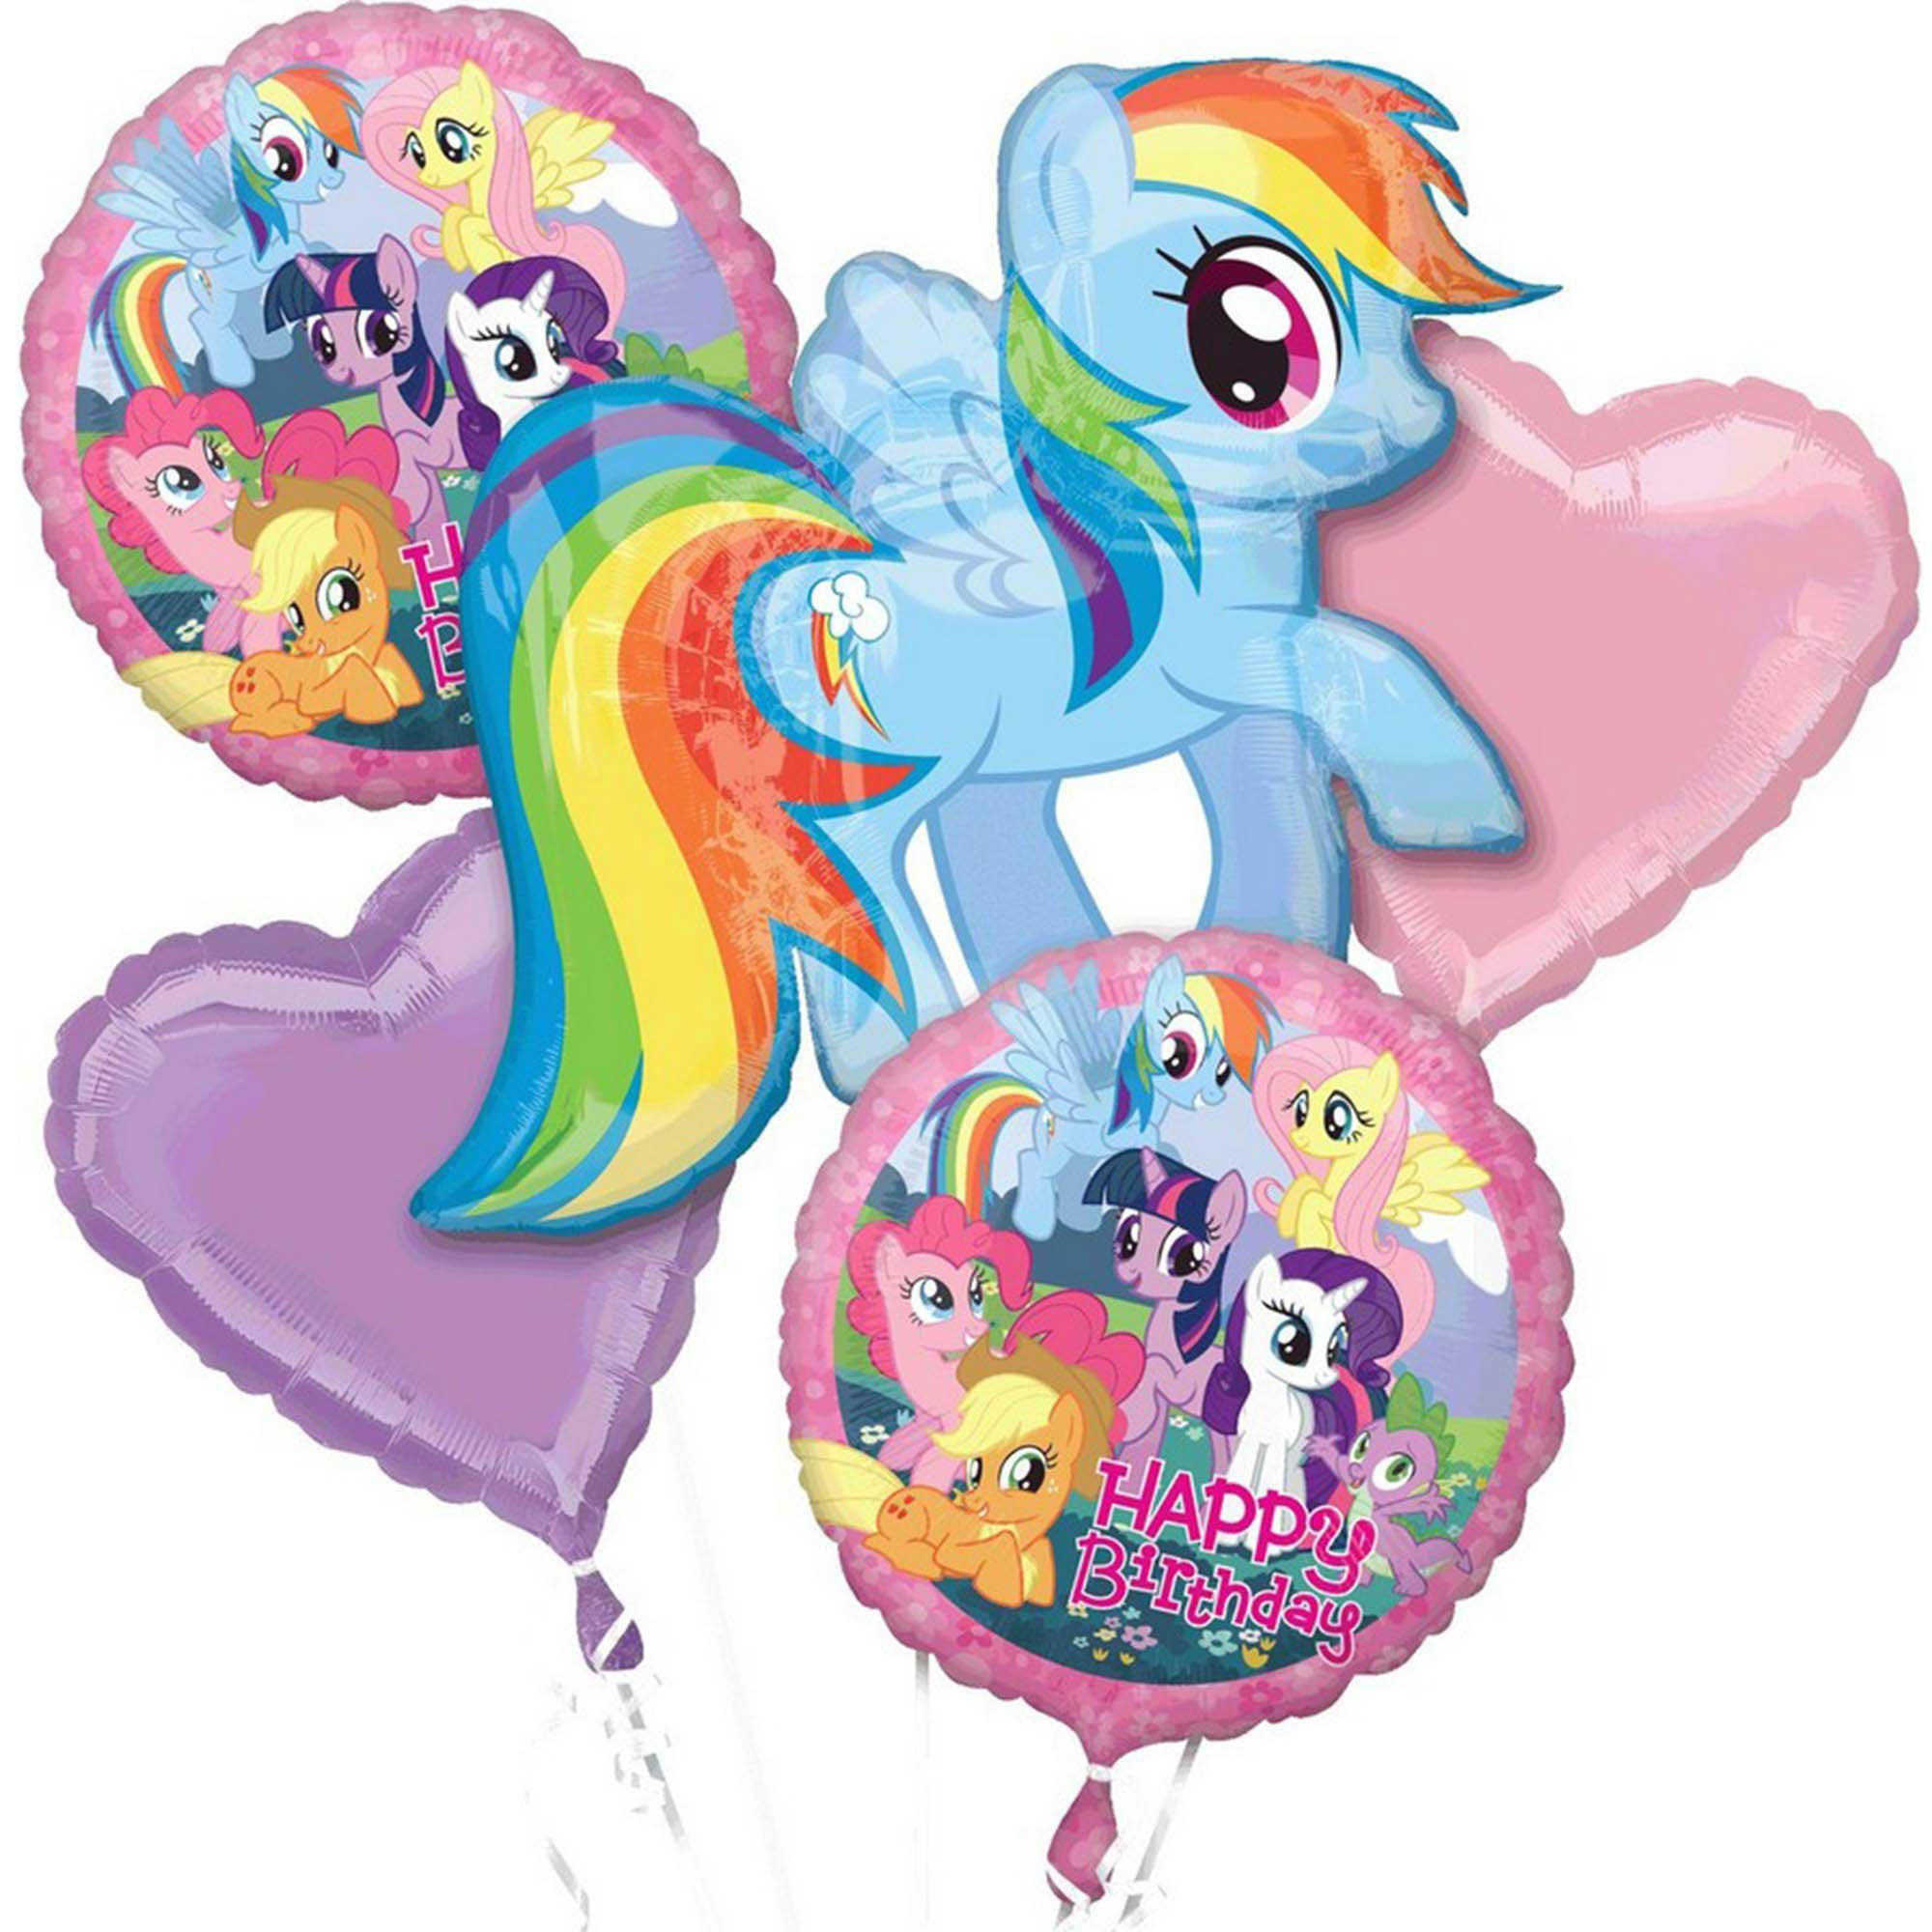 Bouquet My Little Pony Happy Birthday P75